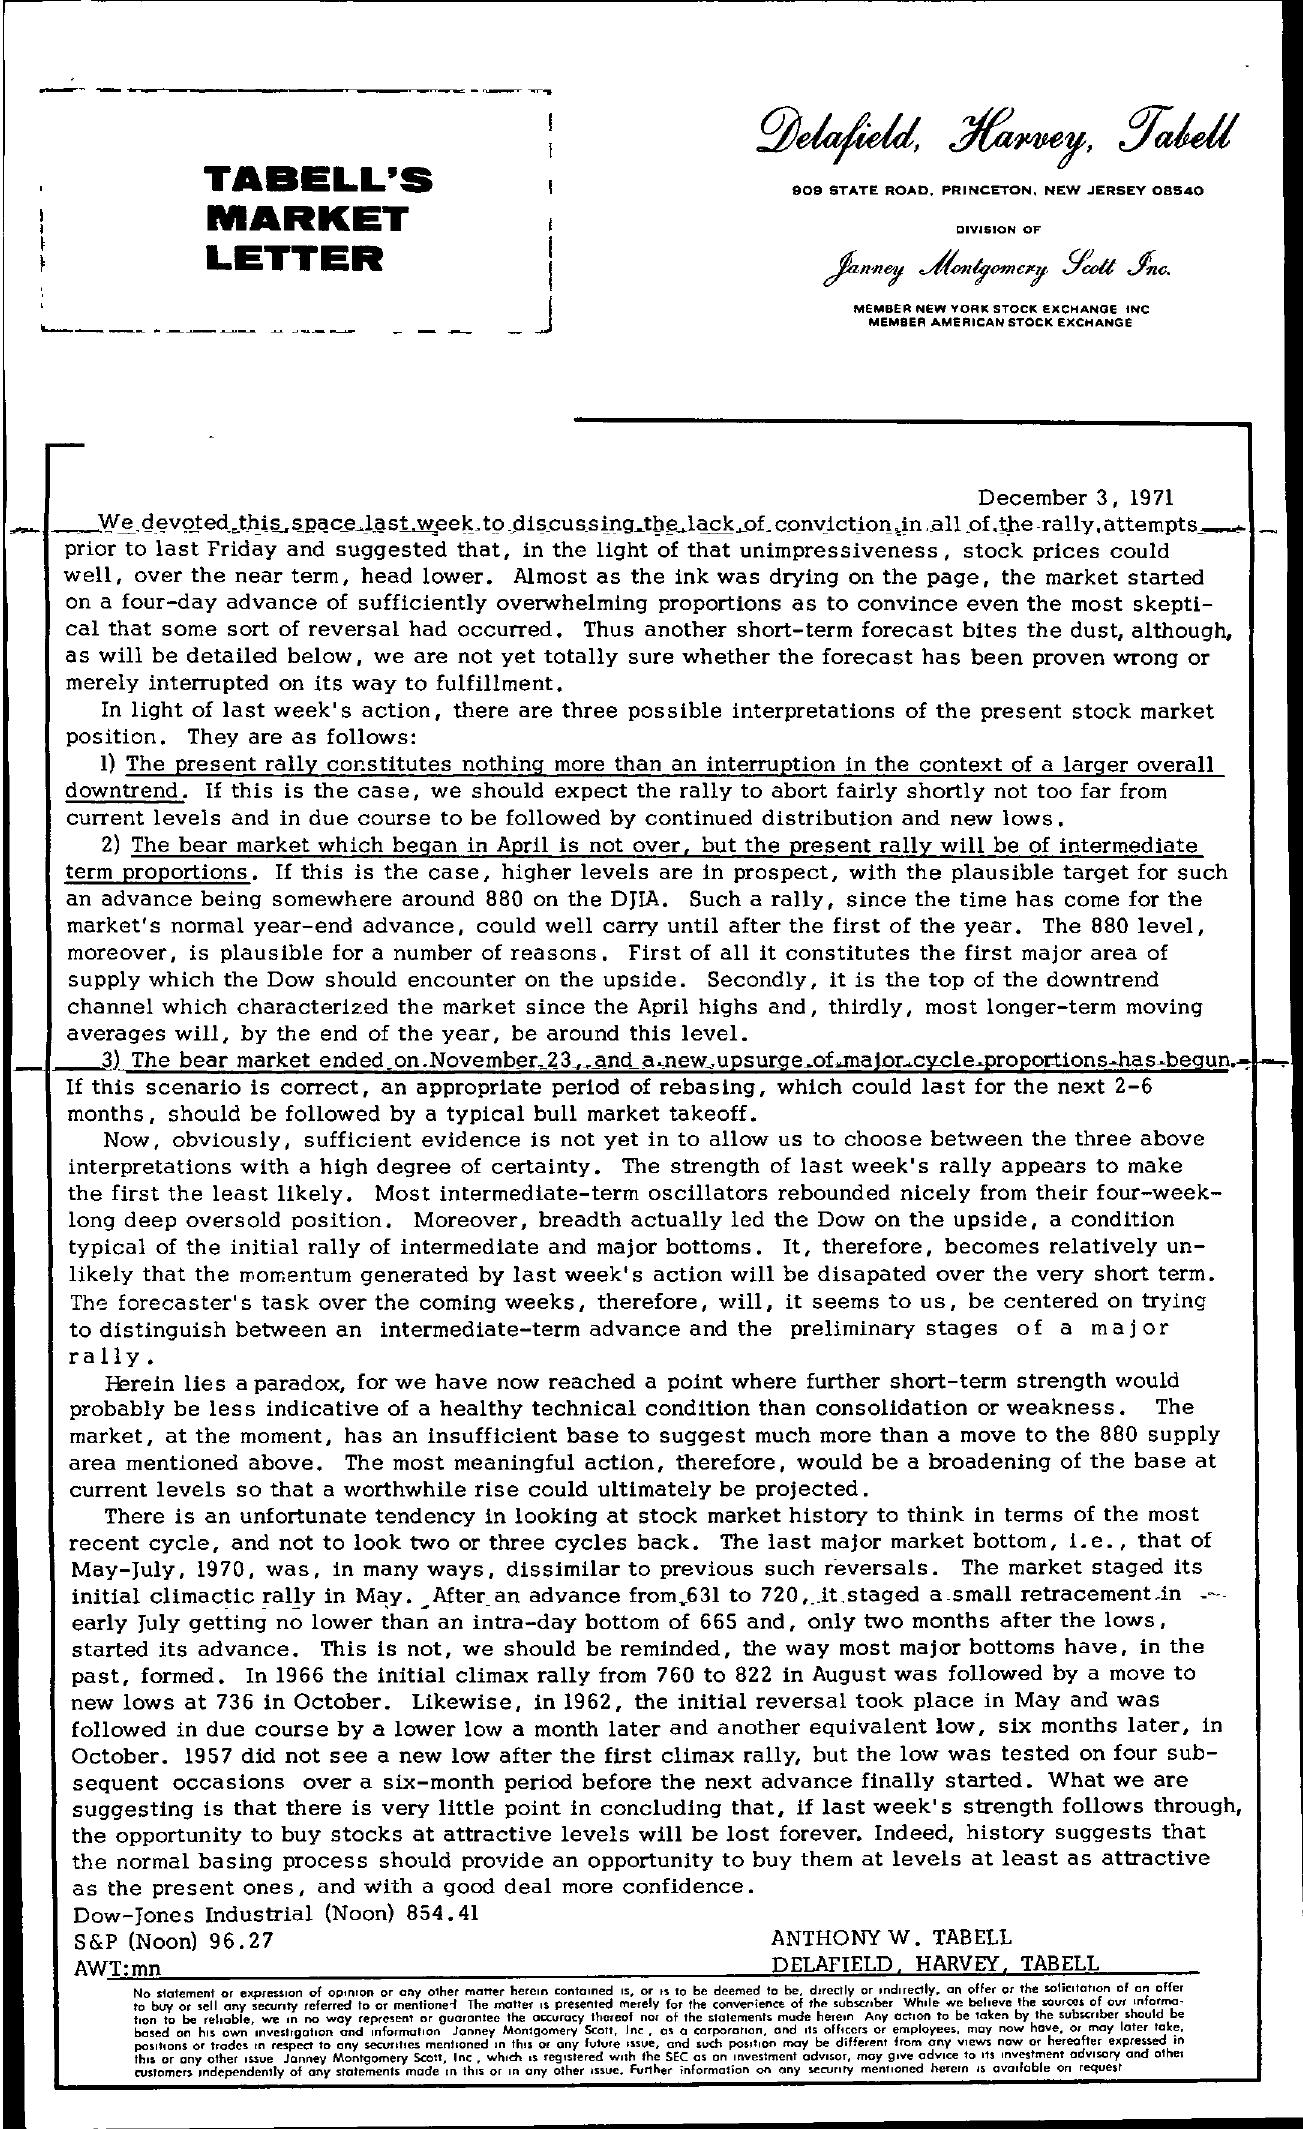 Tabell's Market Letter - December 03, 1971